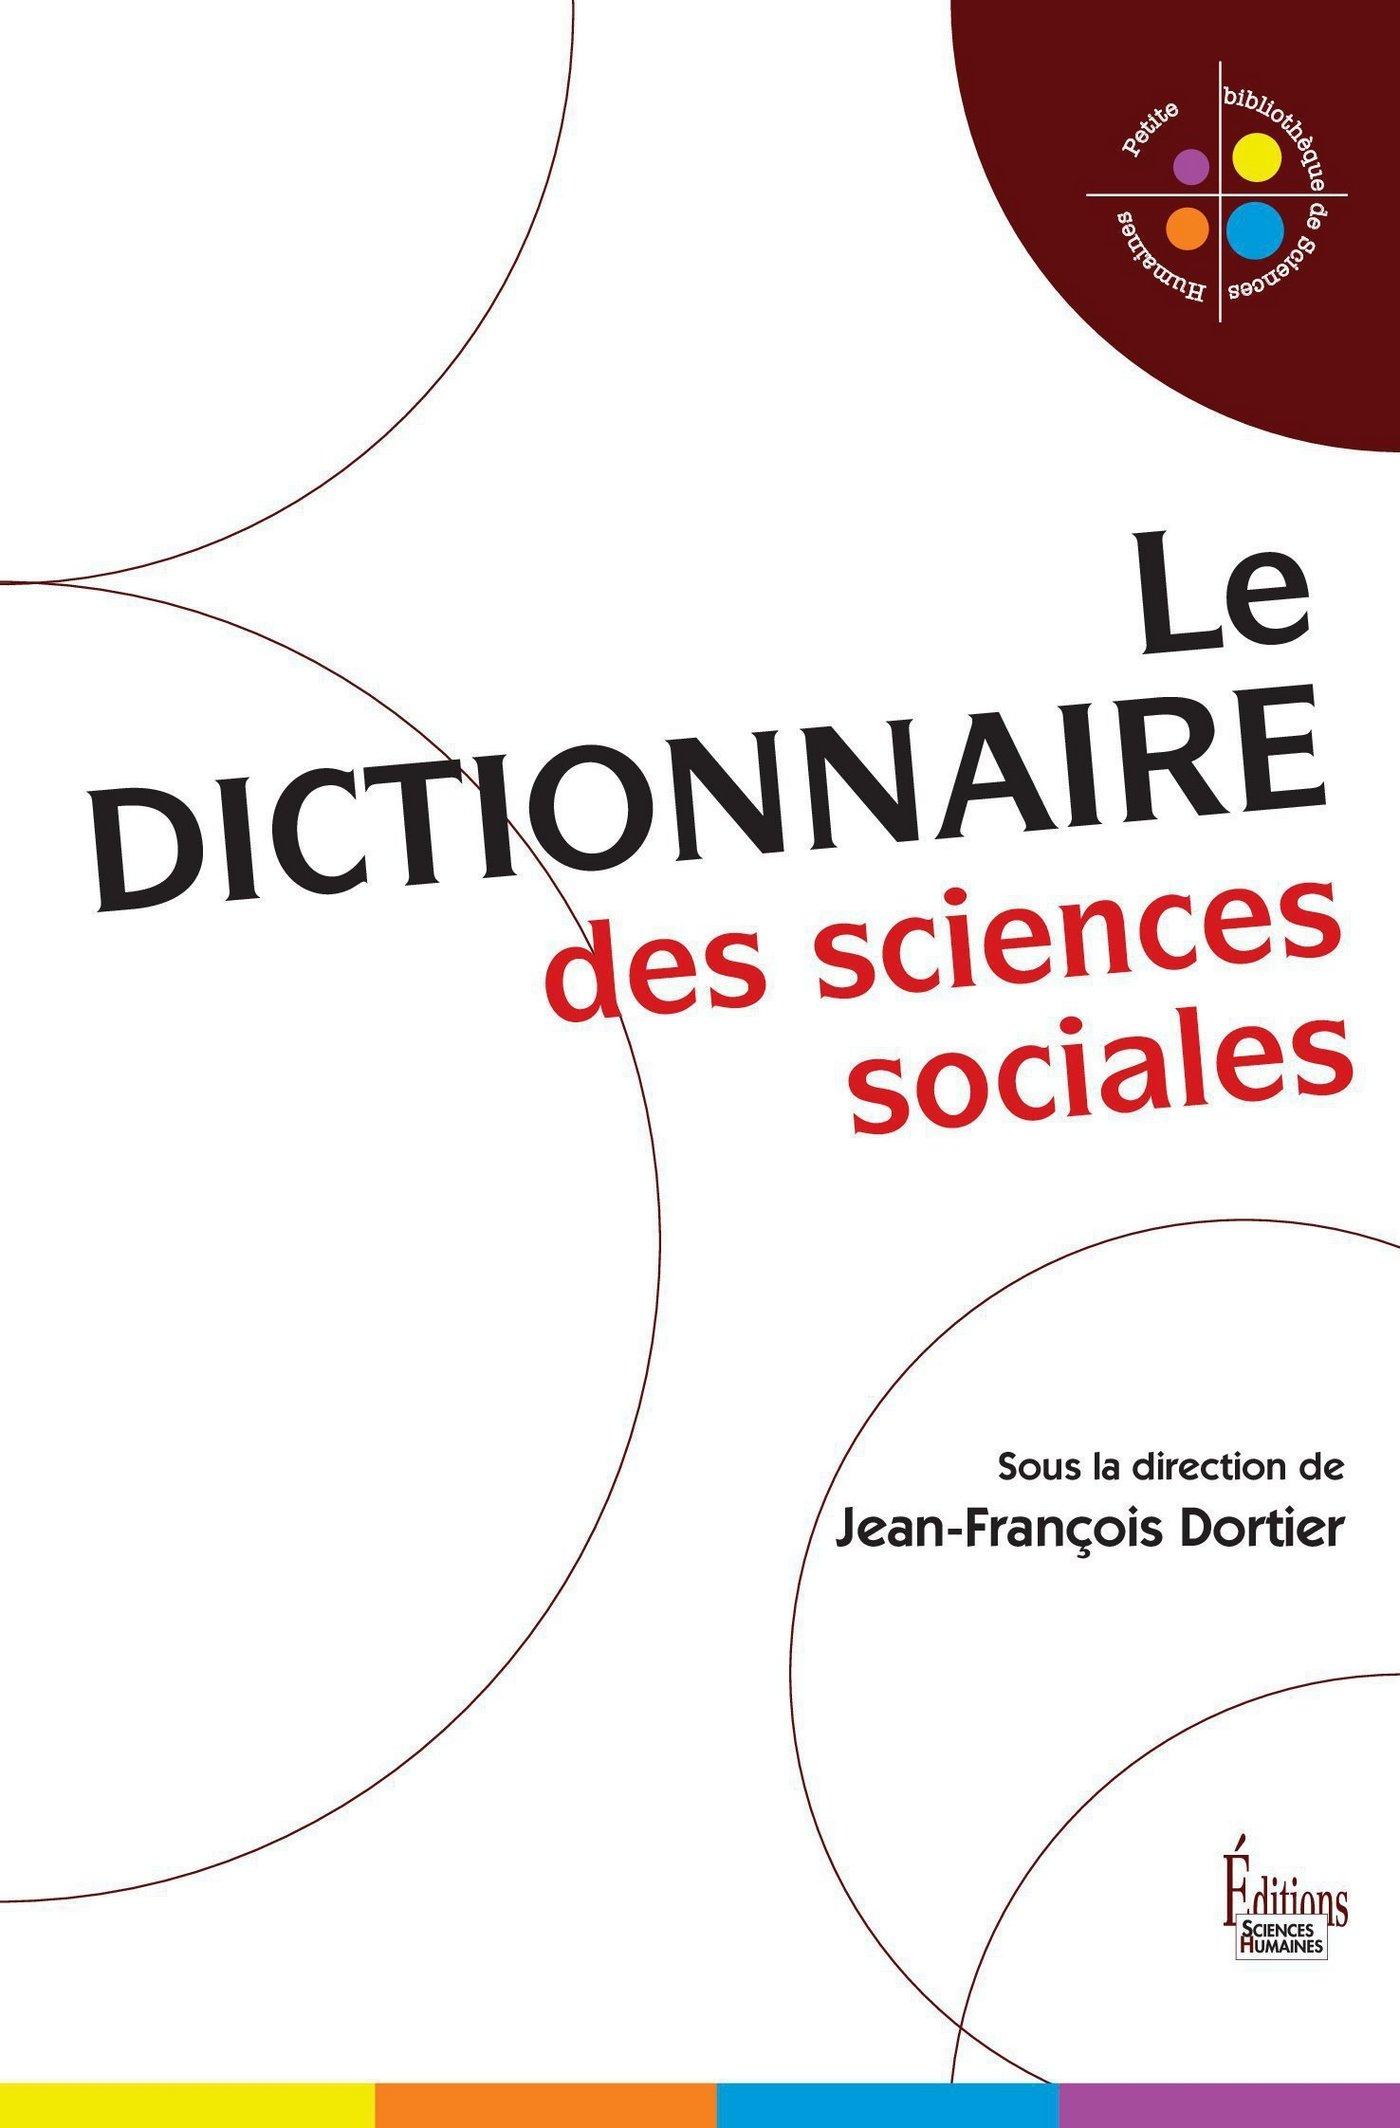 Dictionnaire des sciences sociales